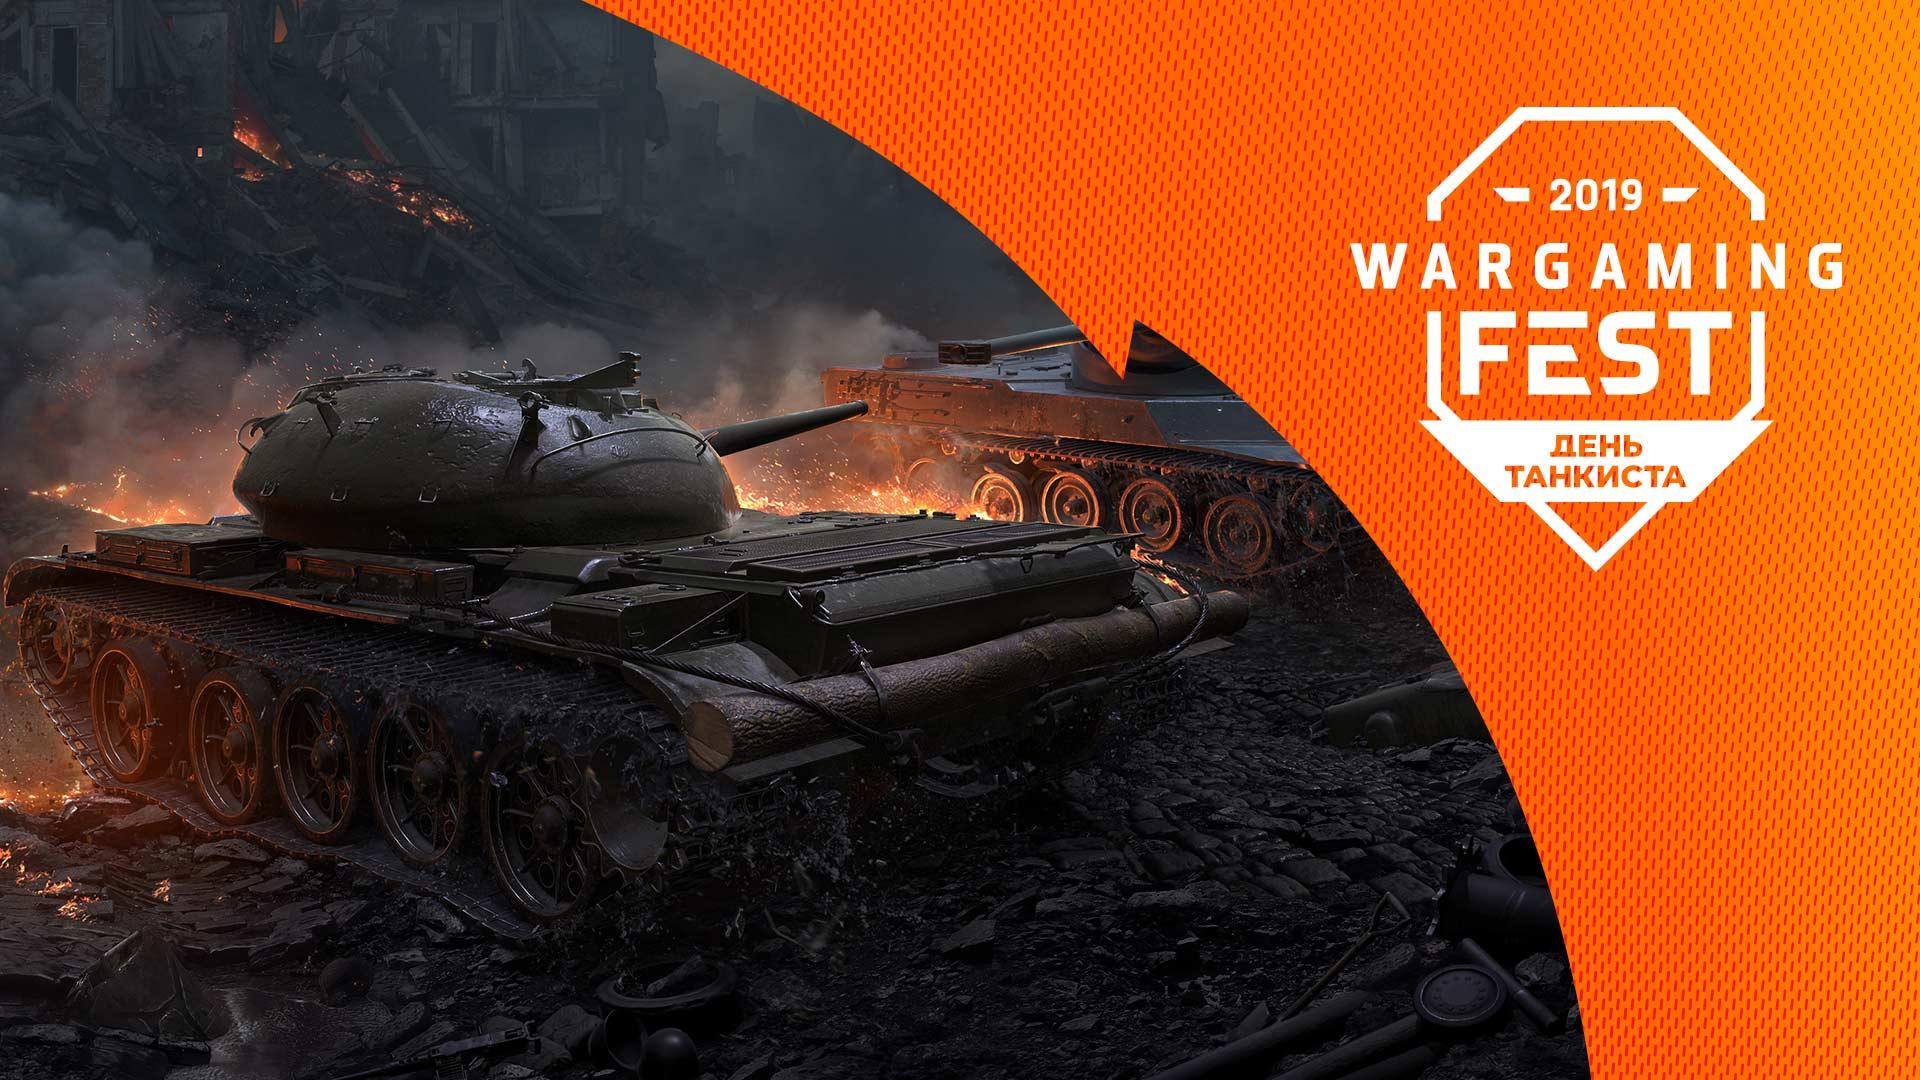 Wargaming празднует «WG Fest: День танкиста»